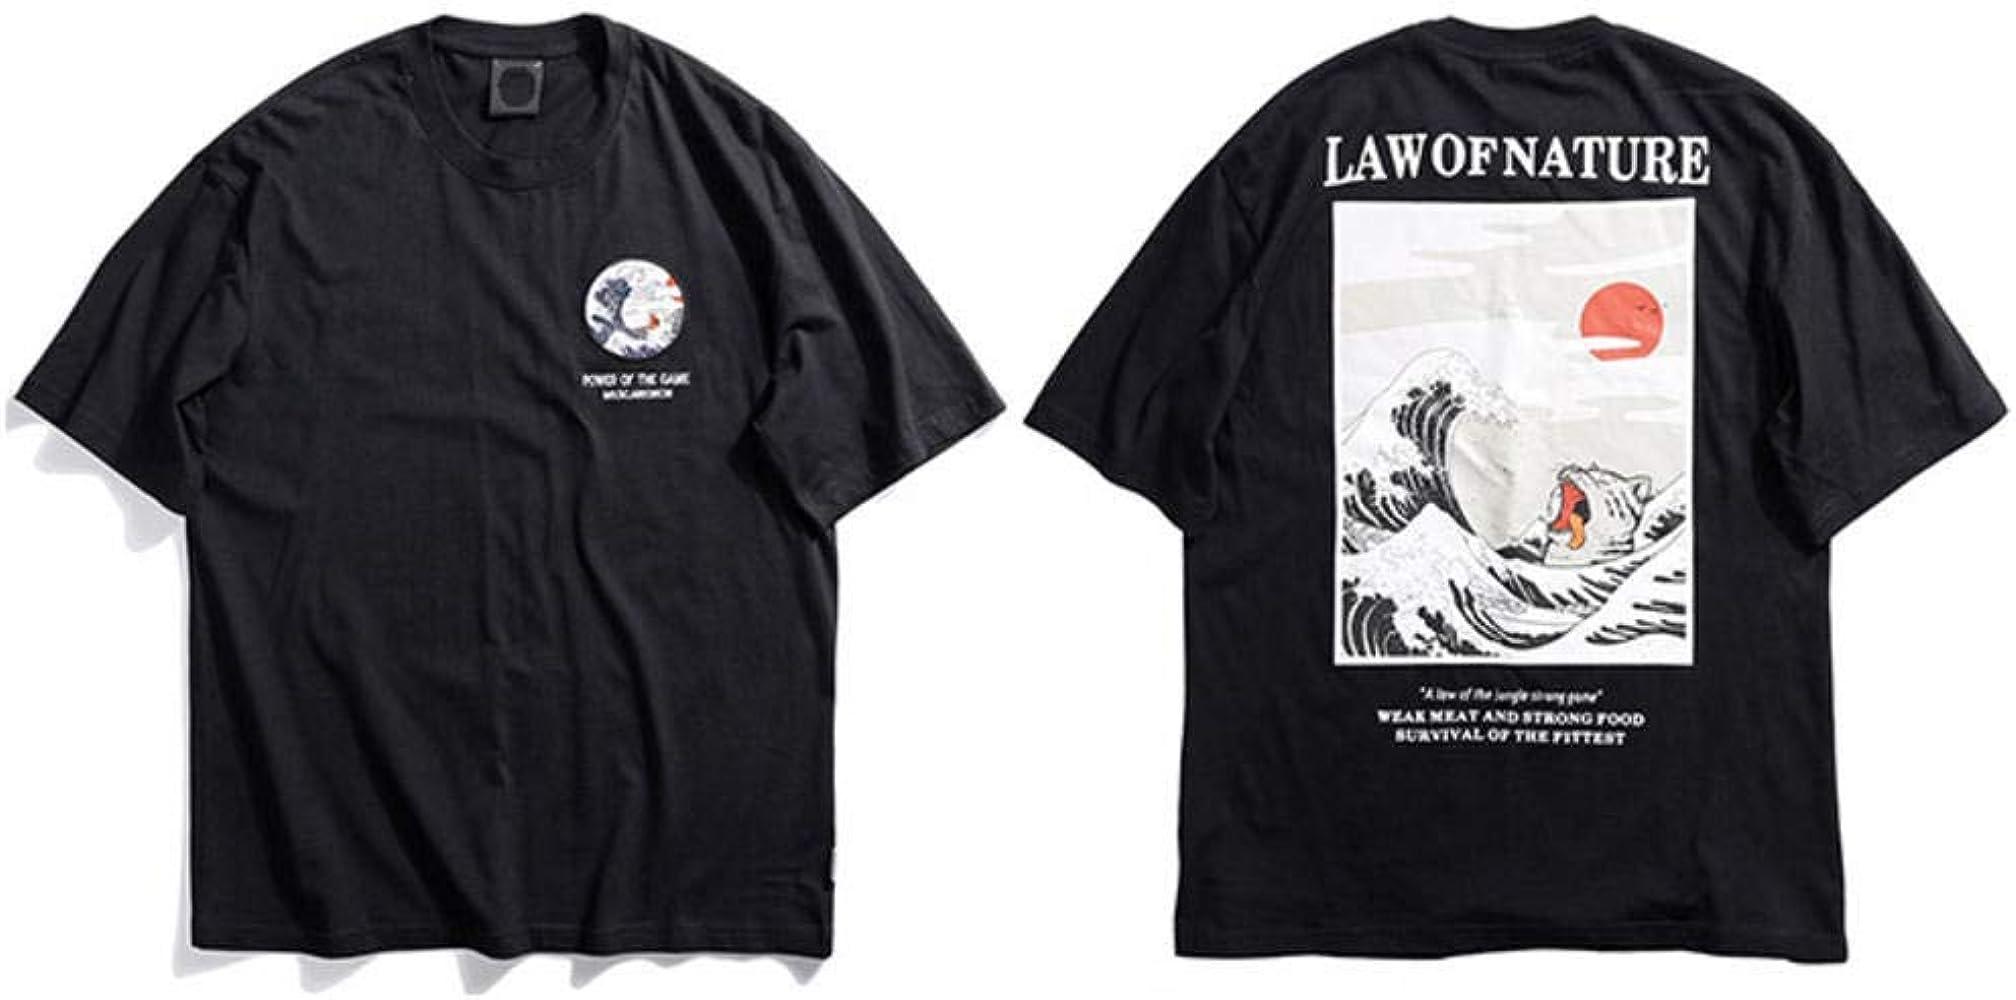 Camiseta para Hombre Hip Hop Camisetas Divertidas para Gatos Harajuku Camiseta Japonesa Streetwear Bordado Verano Algodón Tops Camisetas Manga Corta: Amazon.es: Ropa y accesorios